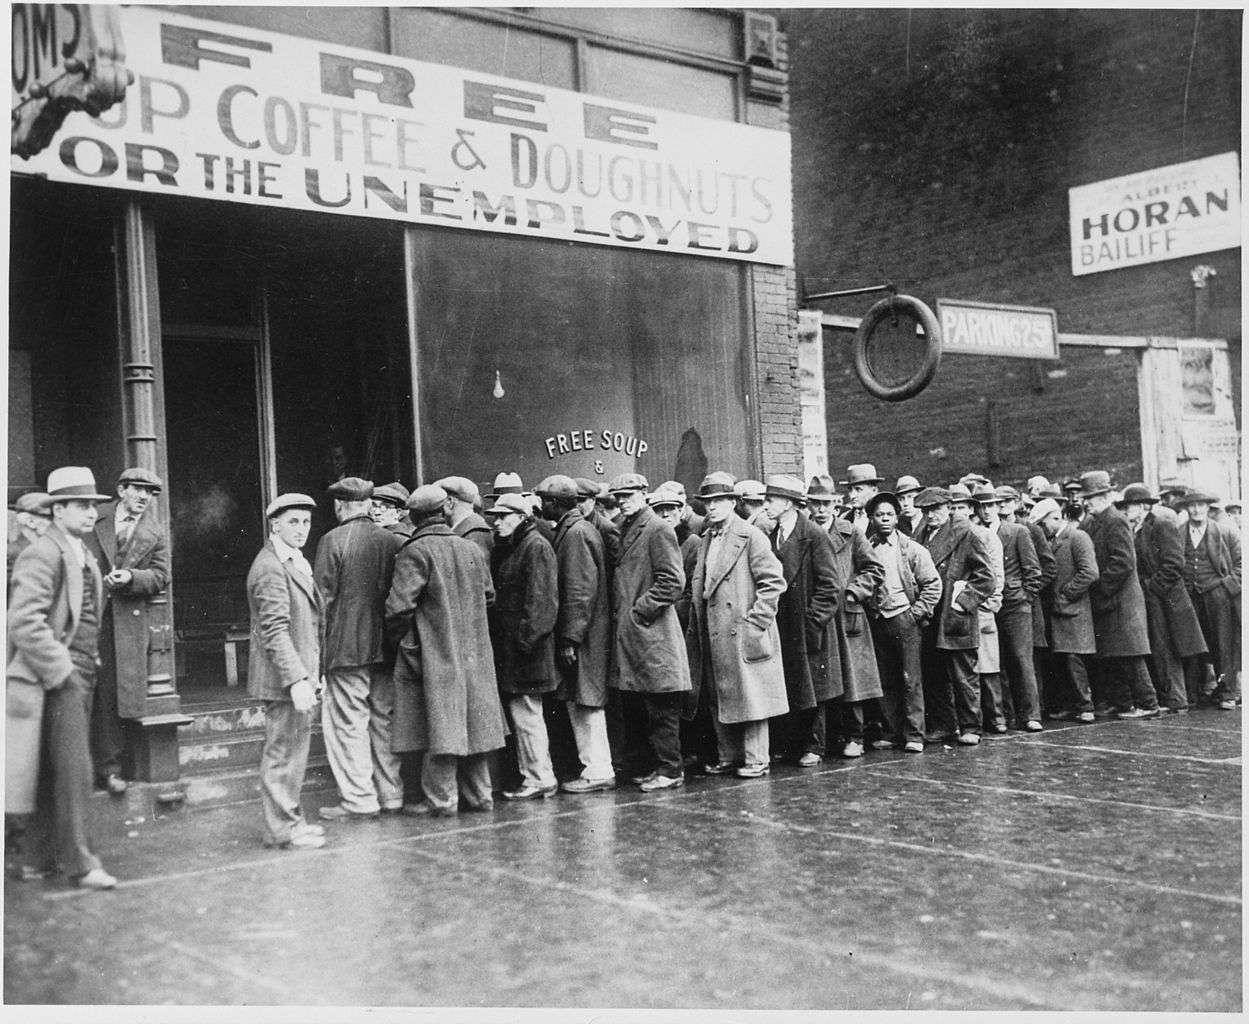 Στα 1890 οι Η.Π.Α. θεσπίζουν τον πρώτο περιοριστικό των Τραστ νόμο ενώ σε άλλες ευρωπαϊκές χώρες καθιερώνονται αντίστοιχοι νόμοι περί ανταγωνισμού. Στα 1898 μάλιστα εγκαινιάζεται η περίοδος του trust-busting στις Η.Π.Α. σε μια προσπάθεια να απελευθερωθεί η αγορά από τον εναγκαλισμό των υπερ-εταιρειών.